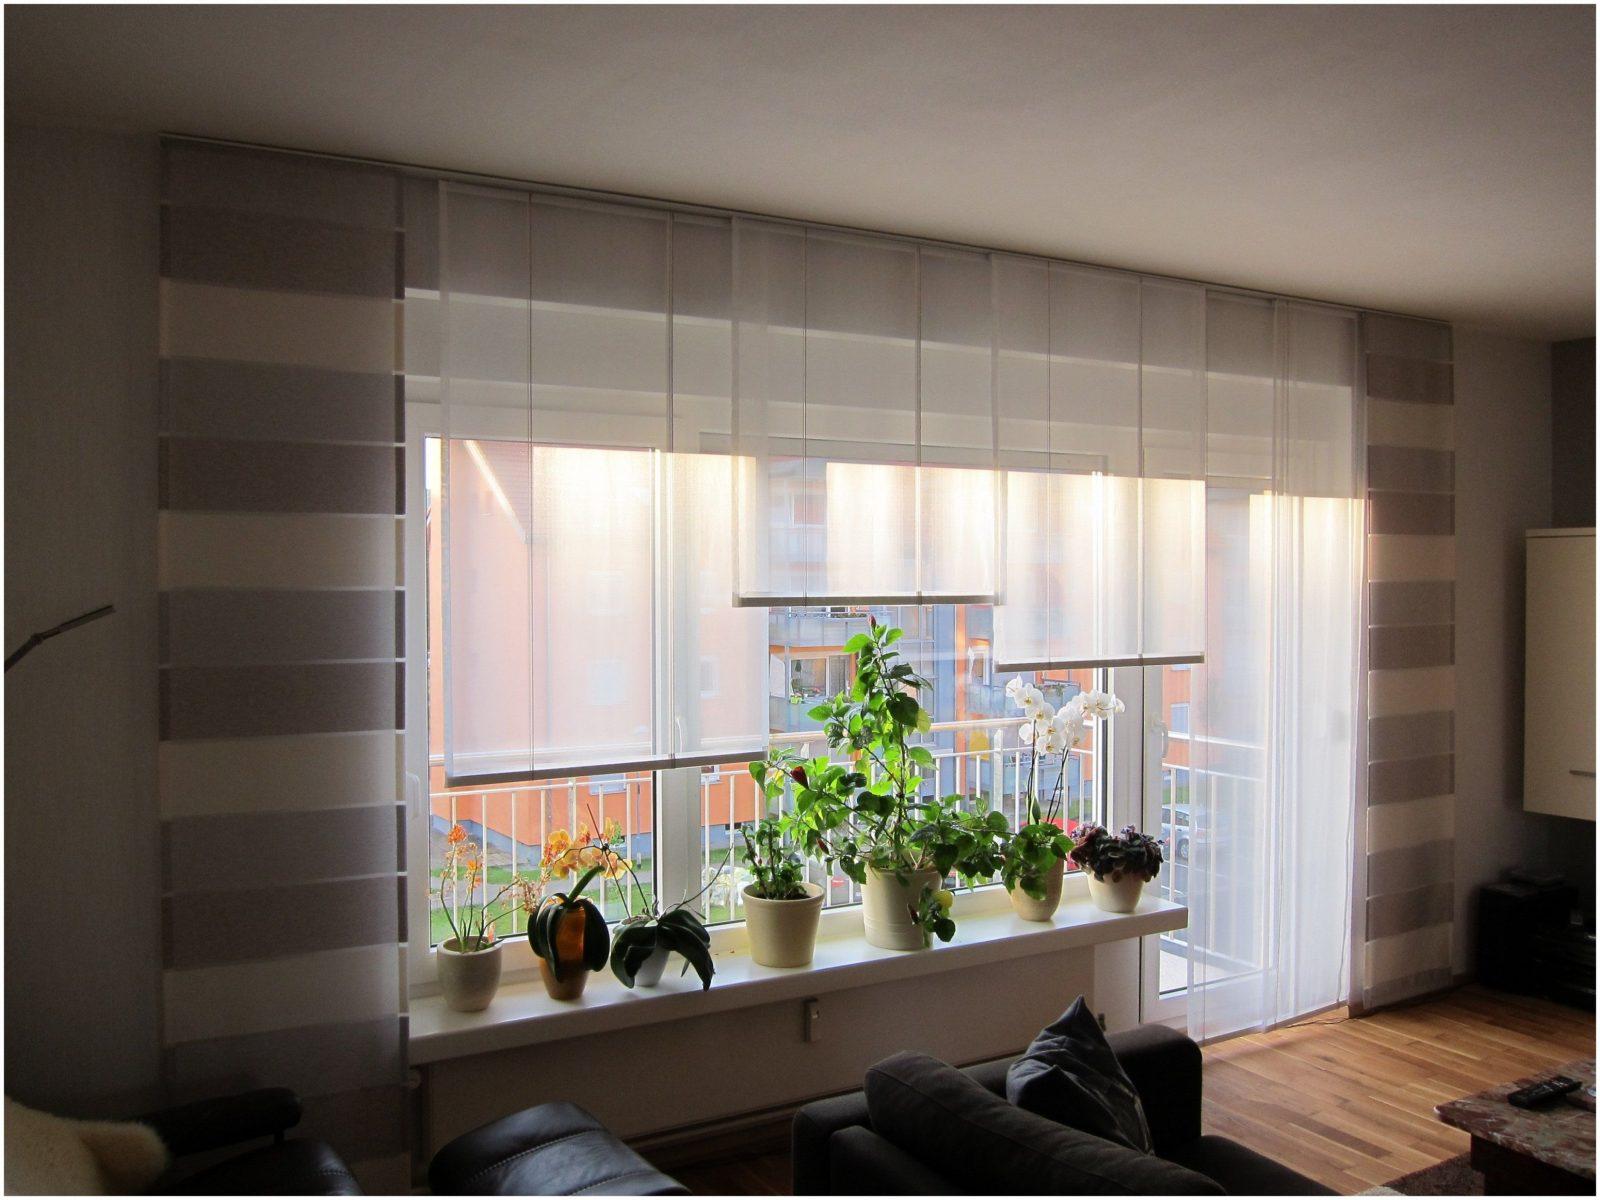 Erstaunlich Gardinen Balkontür Und Fenster Fotos Von Fenster Idee von Gardinen Für Terrassentür Und Fenster Photo